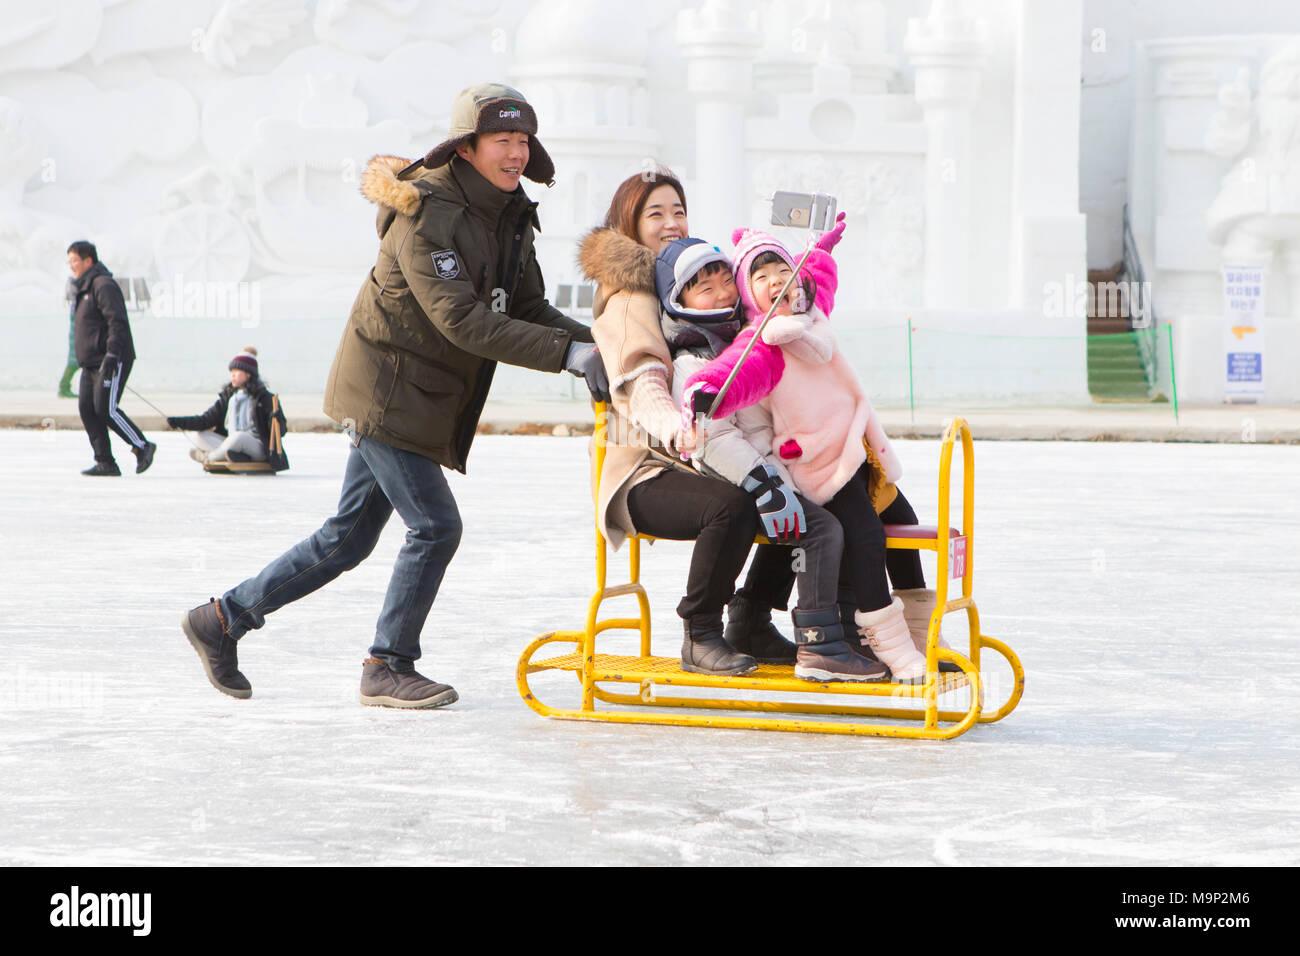 Un asiático busca familia es divertirse teniendo un selfie sobre un grupo sled en el río congelado en el Festival de hielo Sancheoneo Hwacheon. El Festival de hielo Sancheoneo Hwacheon es una tradición para el pueblo coreano. En enero de cada año las multitudes se reúnen en el río congelado para celebrar el frío y la nieve del invierno. Su principal atractivo es la pesca sobre hielo. Jóvenes y viejos esperar pacientemente a través de un pequeño agujero en el hielo para una trucha a morder. En las tiendas de campaña que pueden conseguir el pescado a la parrilla después de que se comen. Entre otras actividades están el trineo y patinaje sobre hielo. La cercana región Pyeongchang será el anfitrión de los Juegos Olímpicos de Invierno en Imagen De Stock